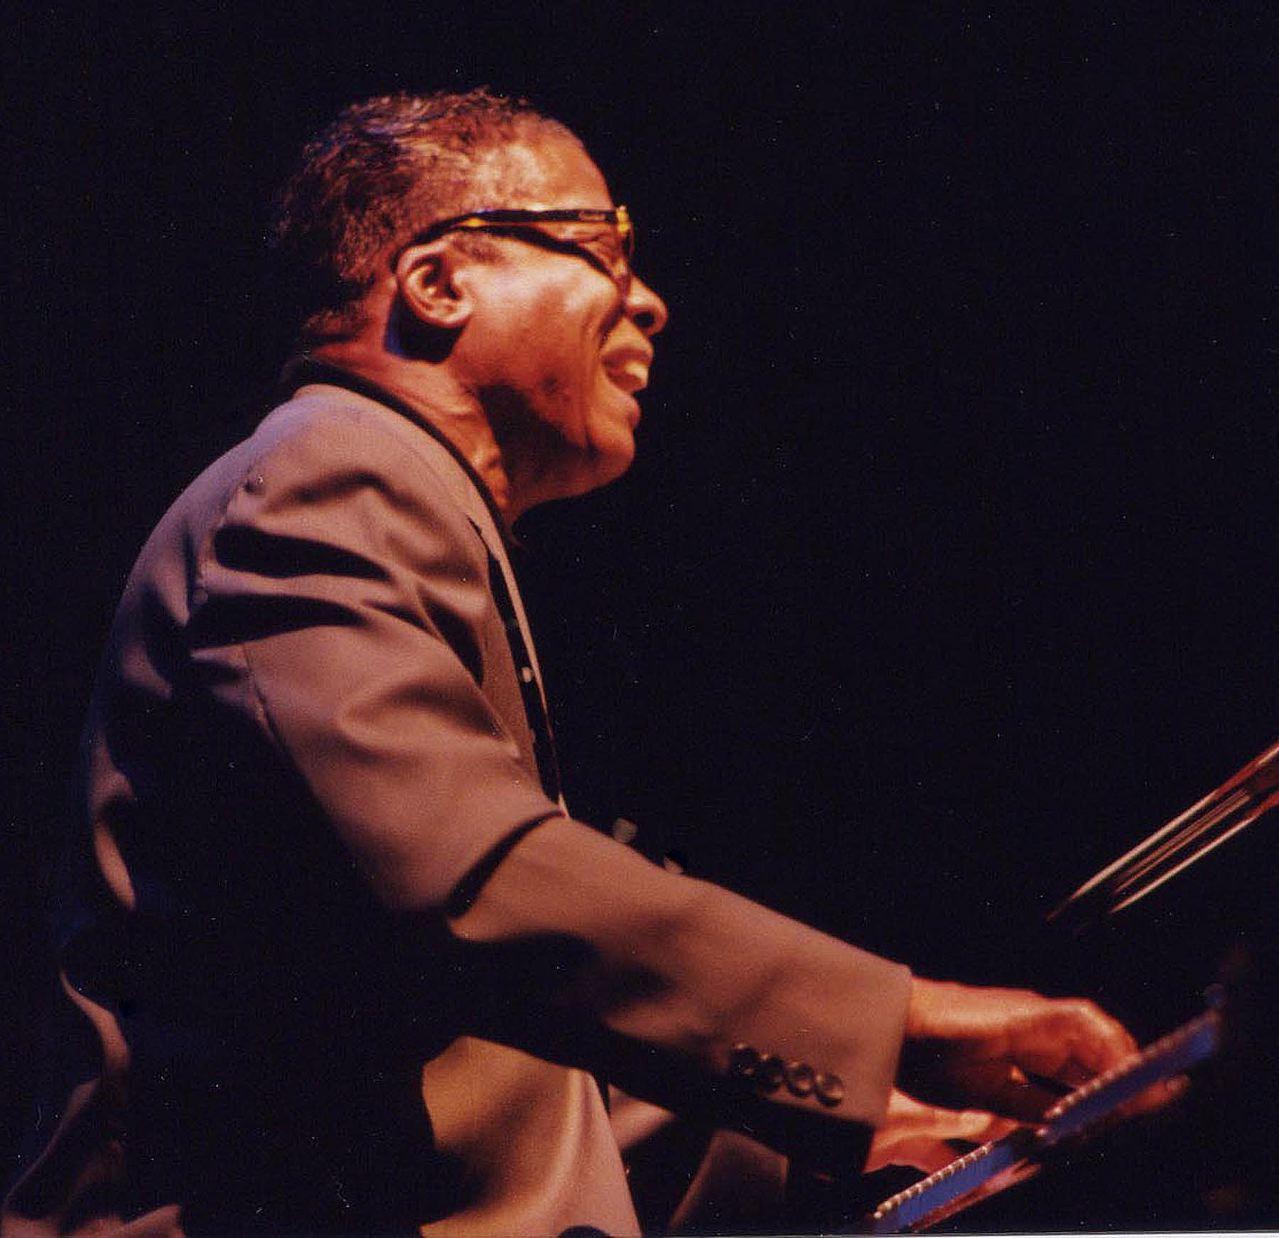 Herbie Hancock Playing